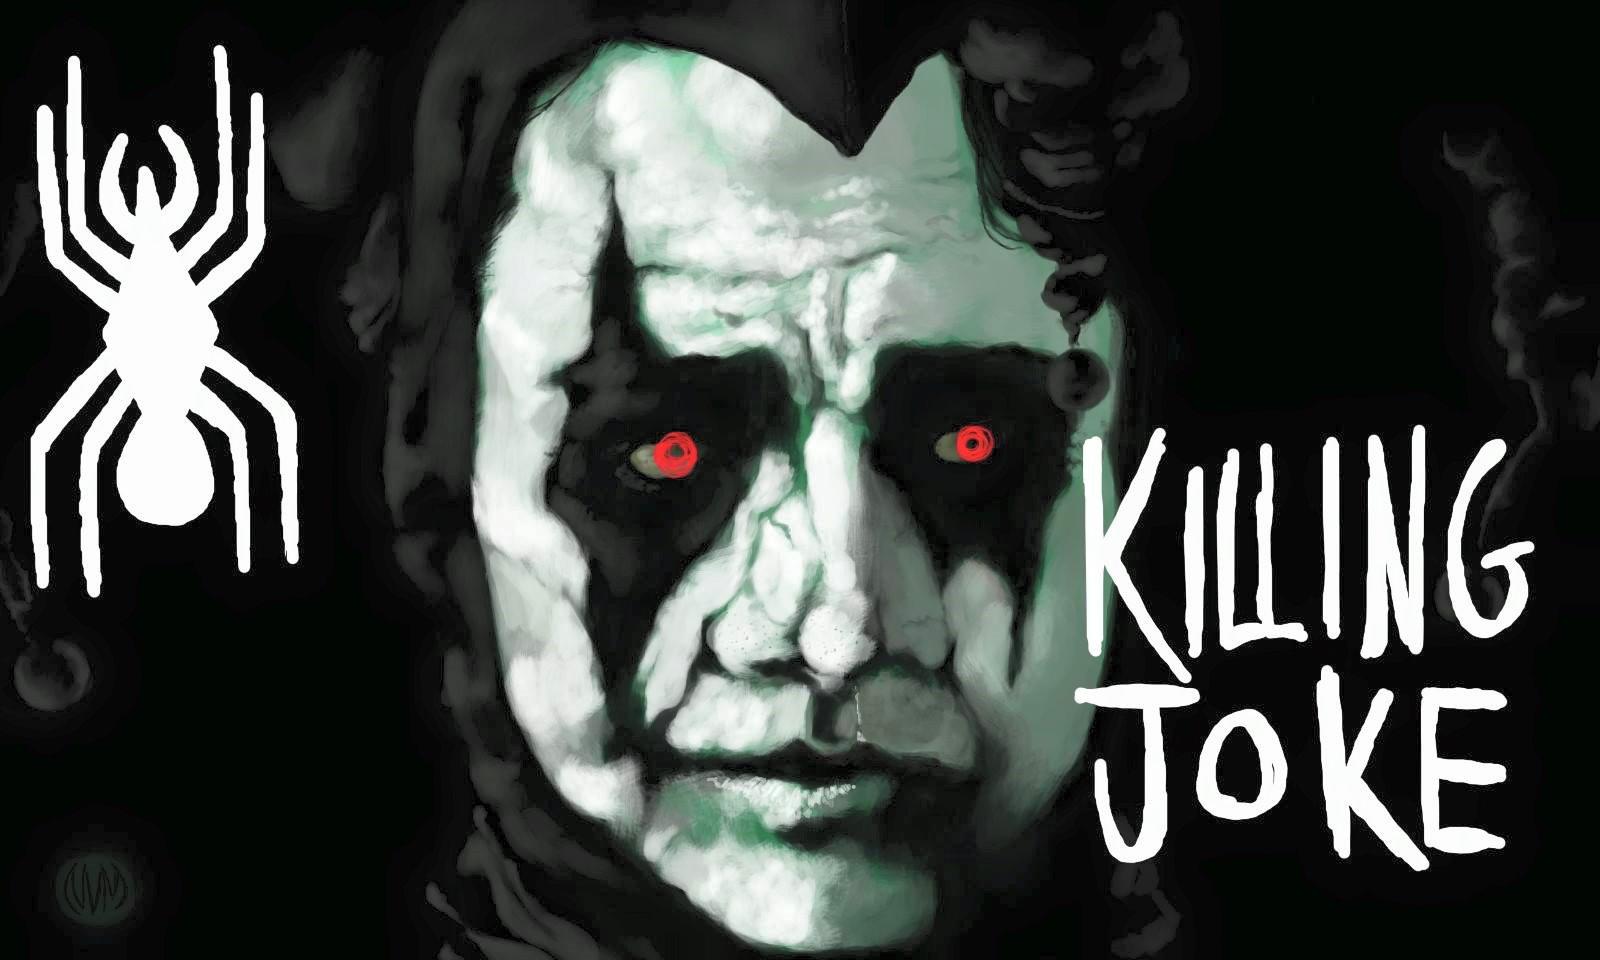 Long Live The Joker!